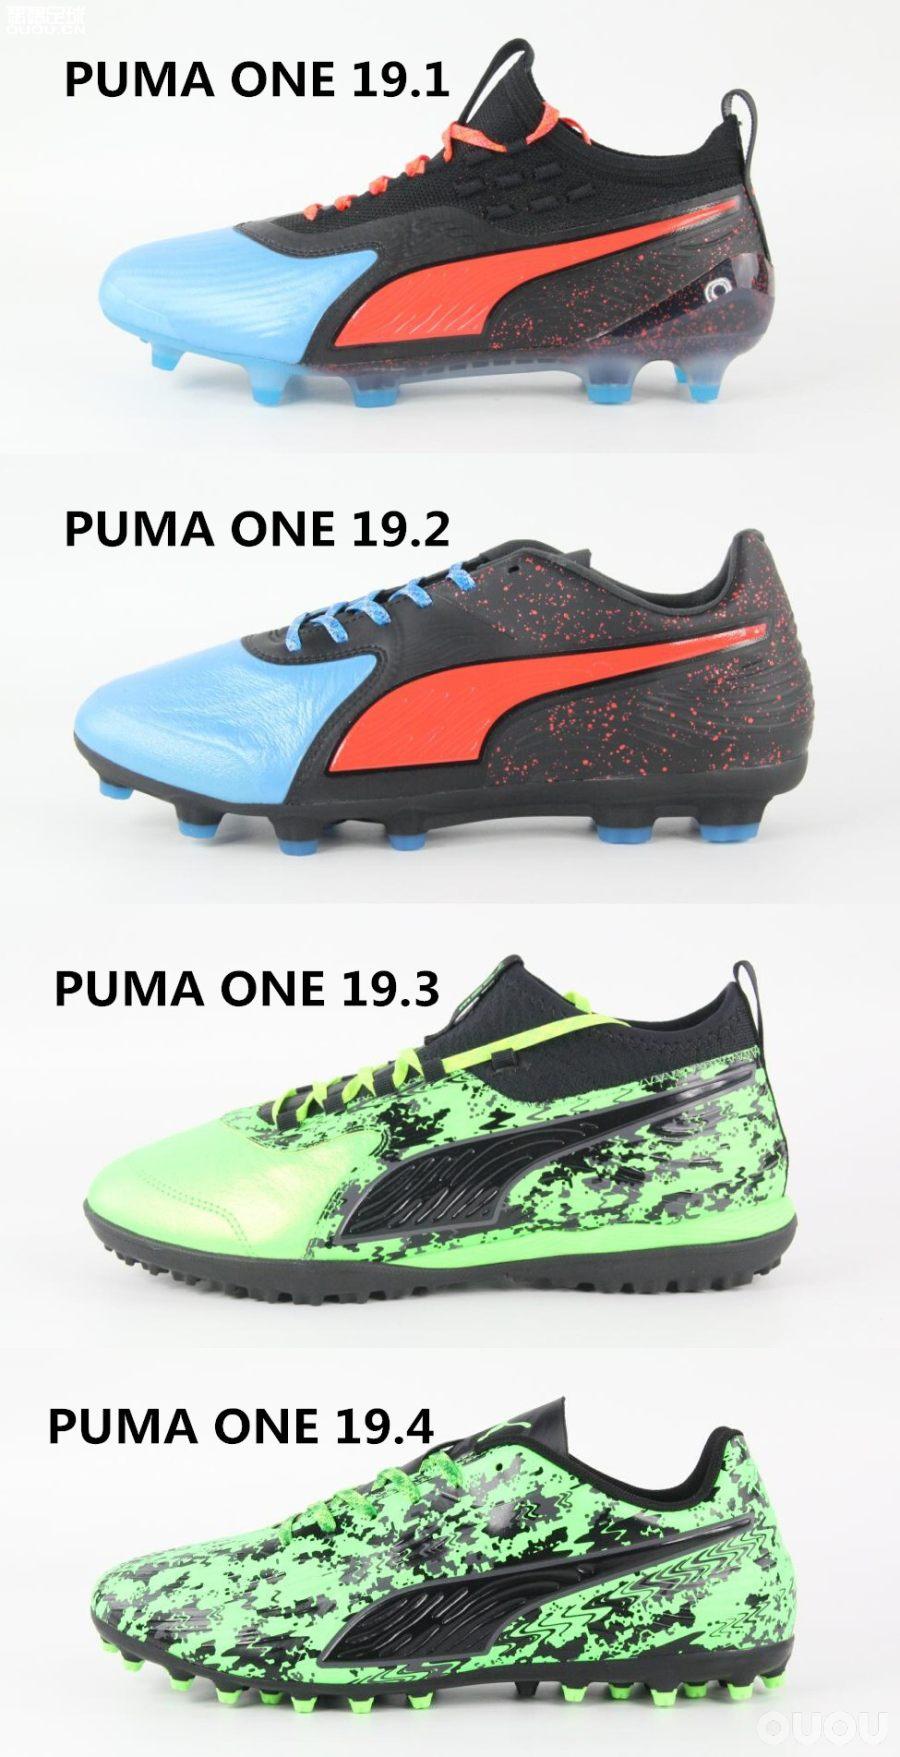 被冷落的实战好鞋?PUMA ONE 19全系列对比